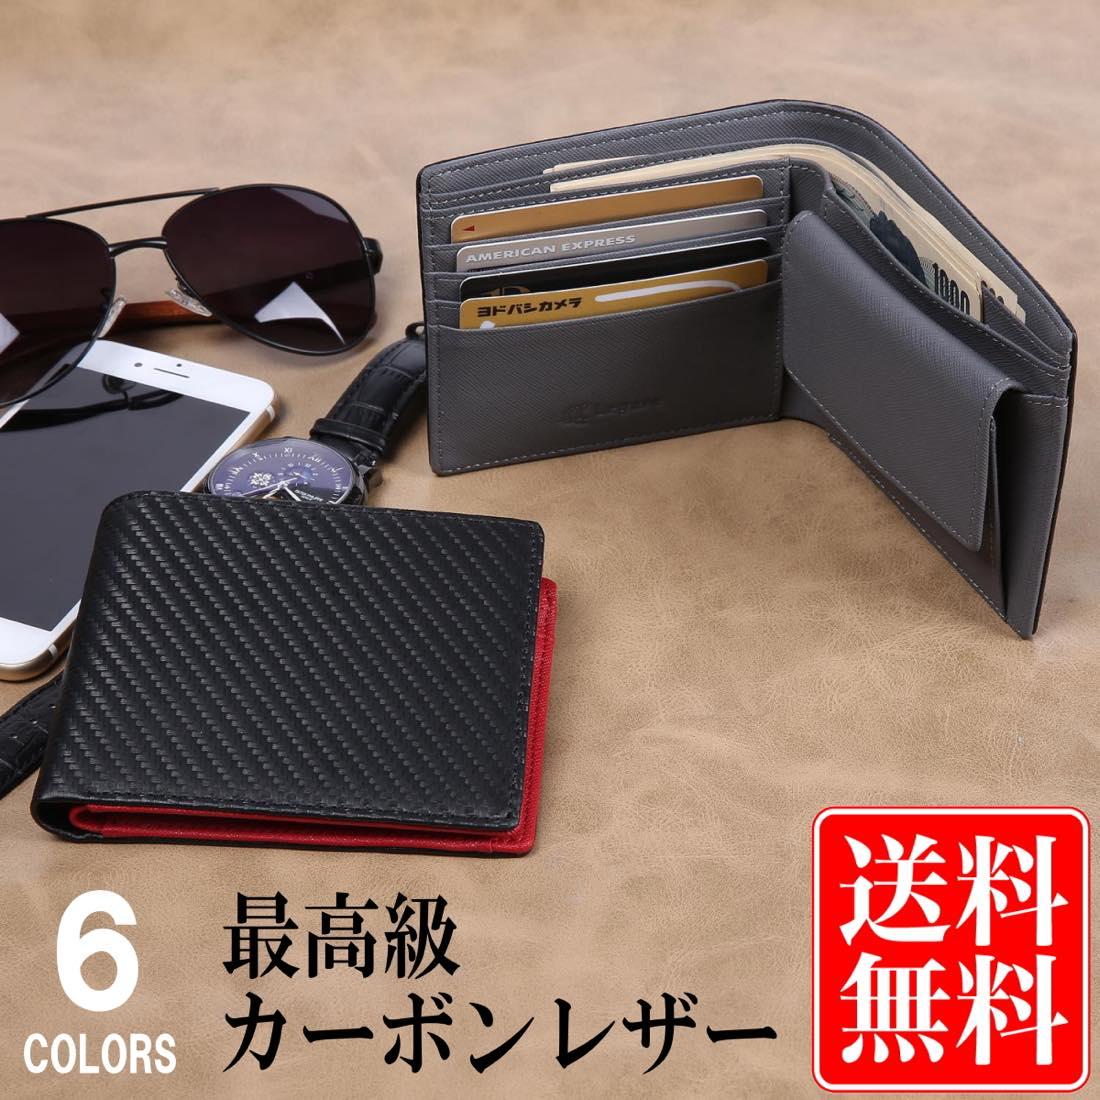 [レガーレ] カーボンレザー 二つ折り財布 メンズ スリムタイプ 2つ折り財布 本革 6色(オリジナル化粧箱入り) コインケース 小銭入れ 財布 あす楽対応 送料無料